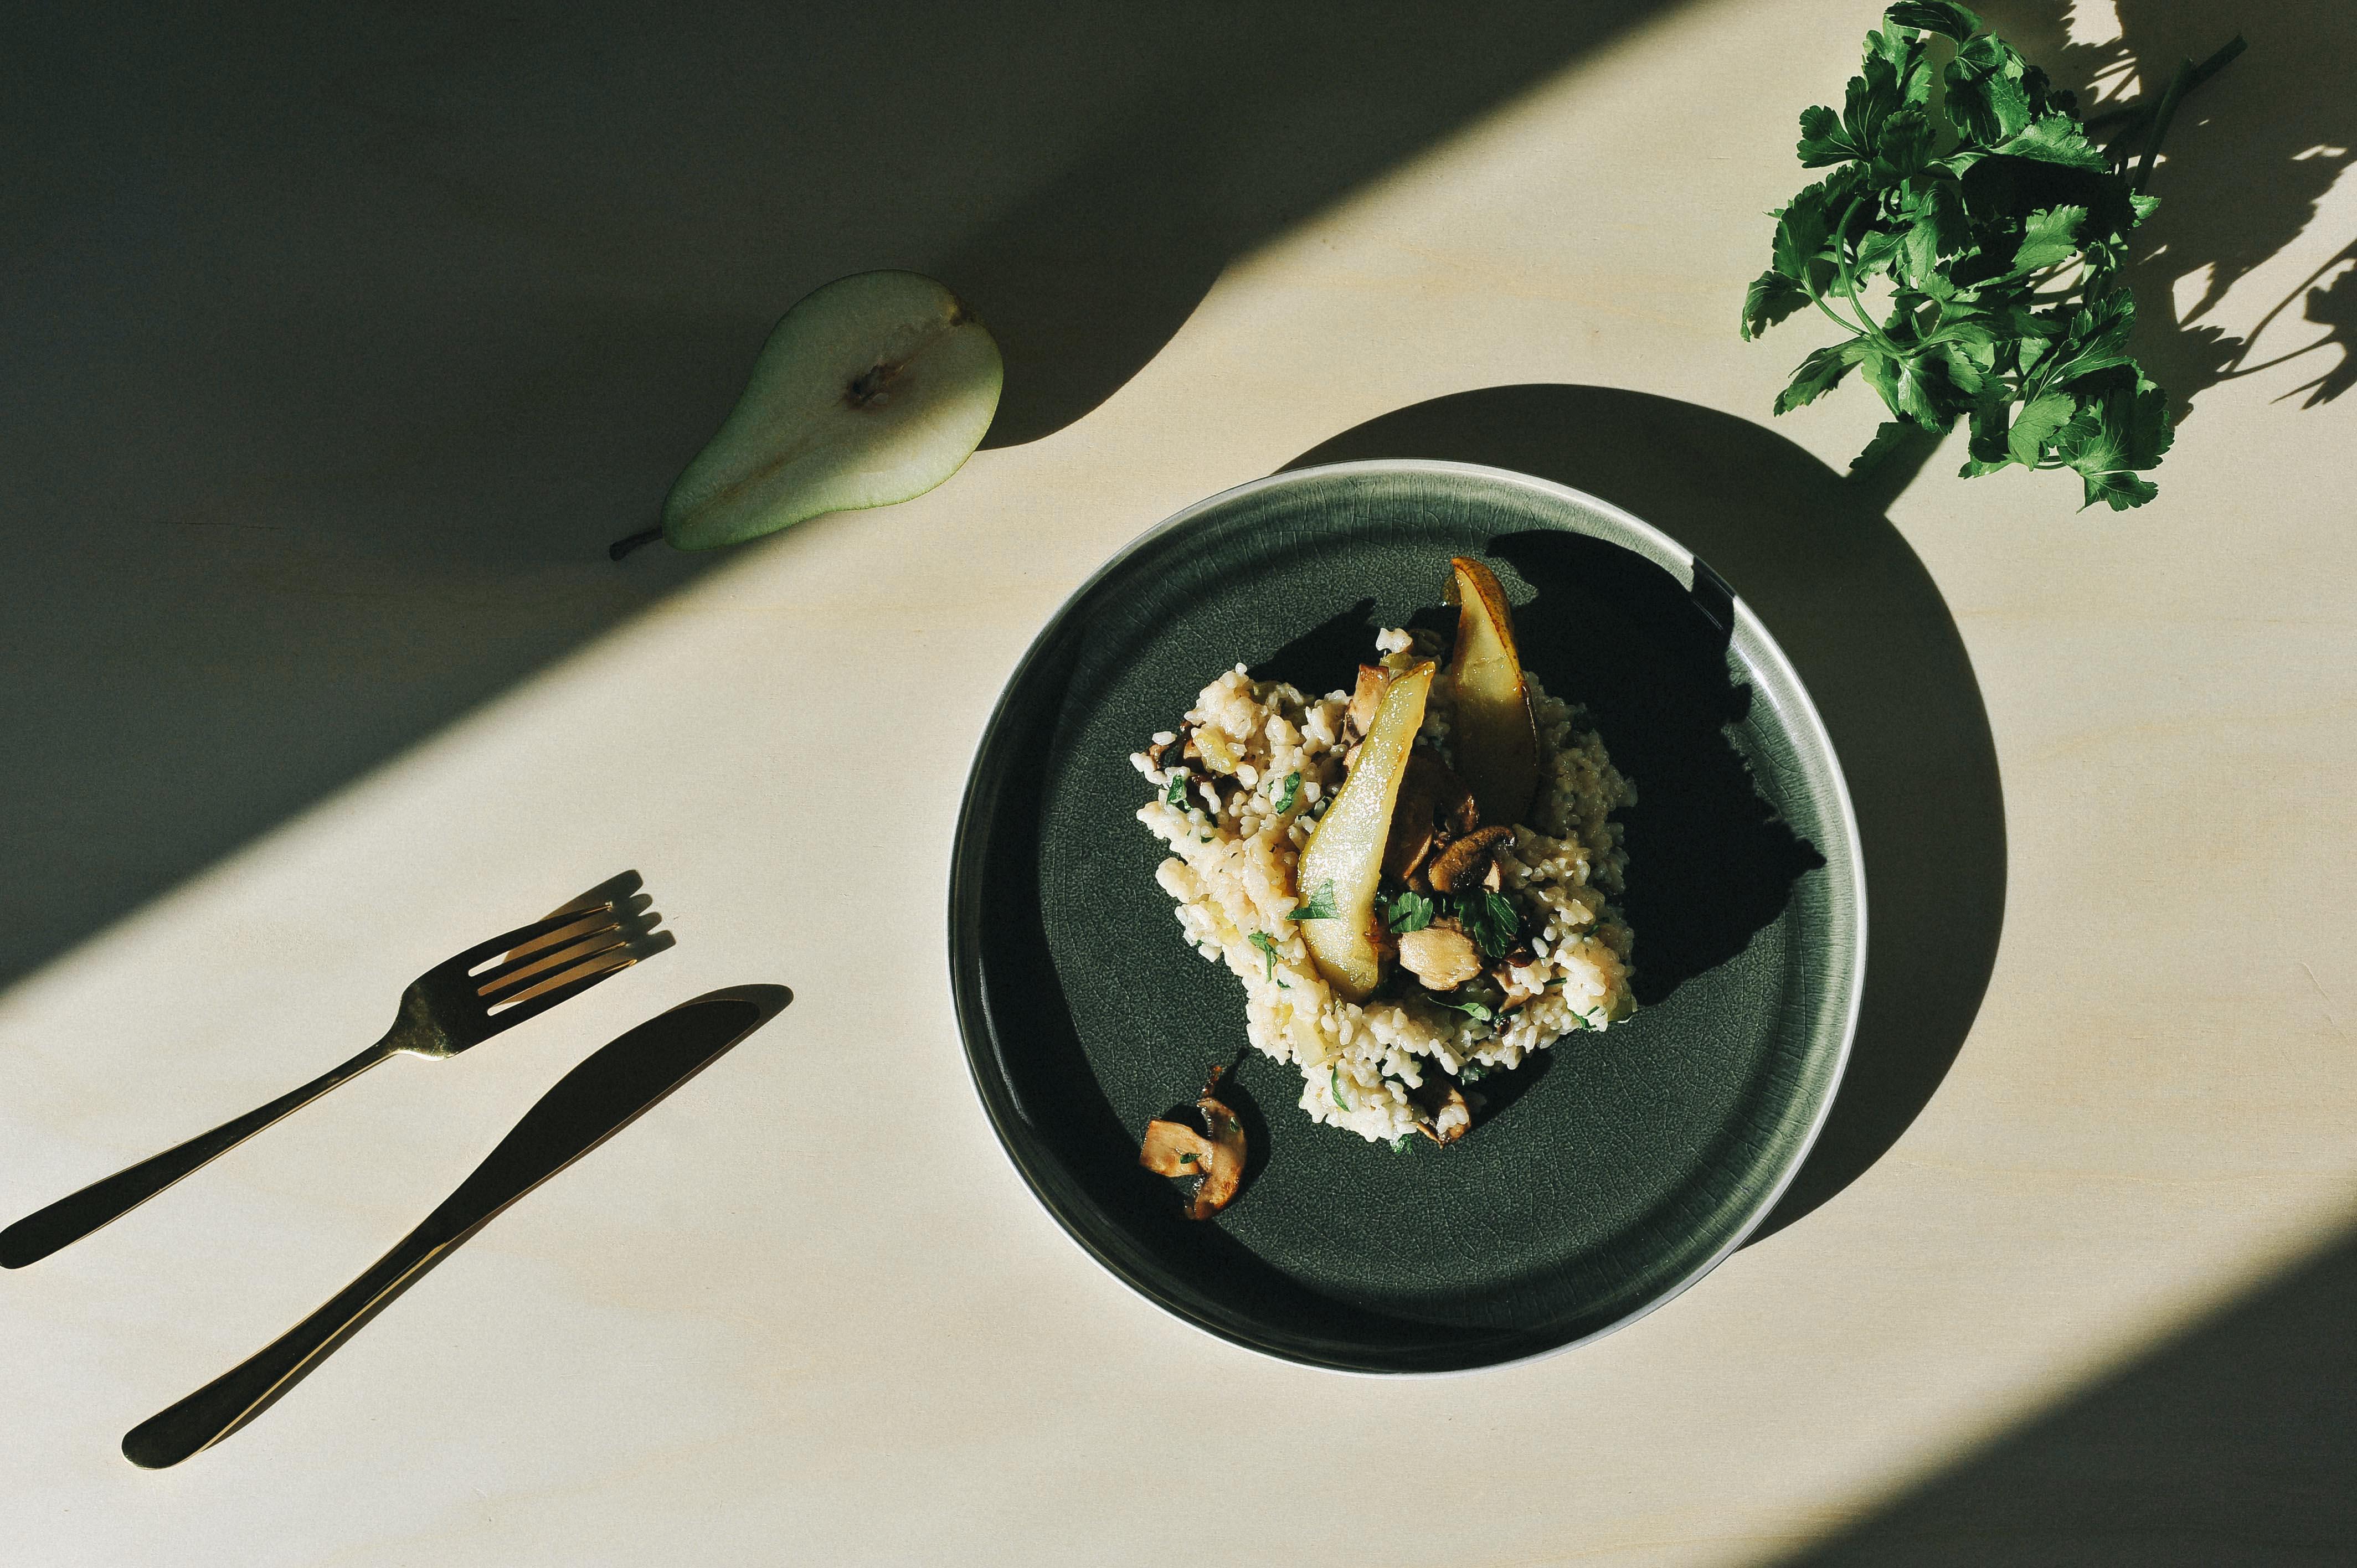 veganes risotto 03 final - Risotto mit karamellisierter Birne